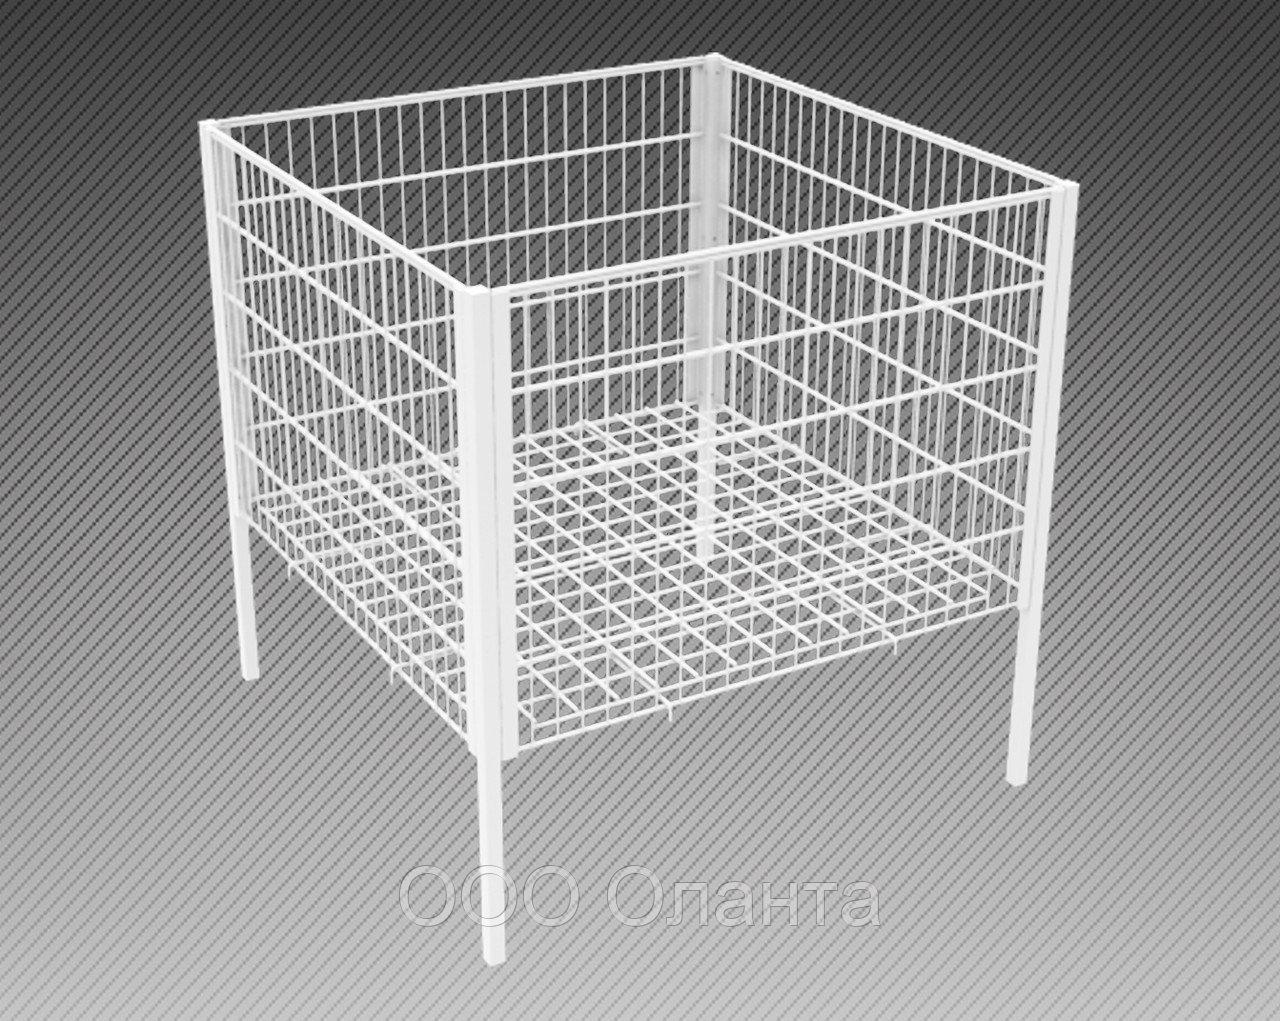 Стол для распродаж-накопитель c регулируемым дном усиленный (750х750х750 мм) крашенный арт. RS75/75/60